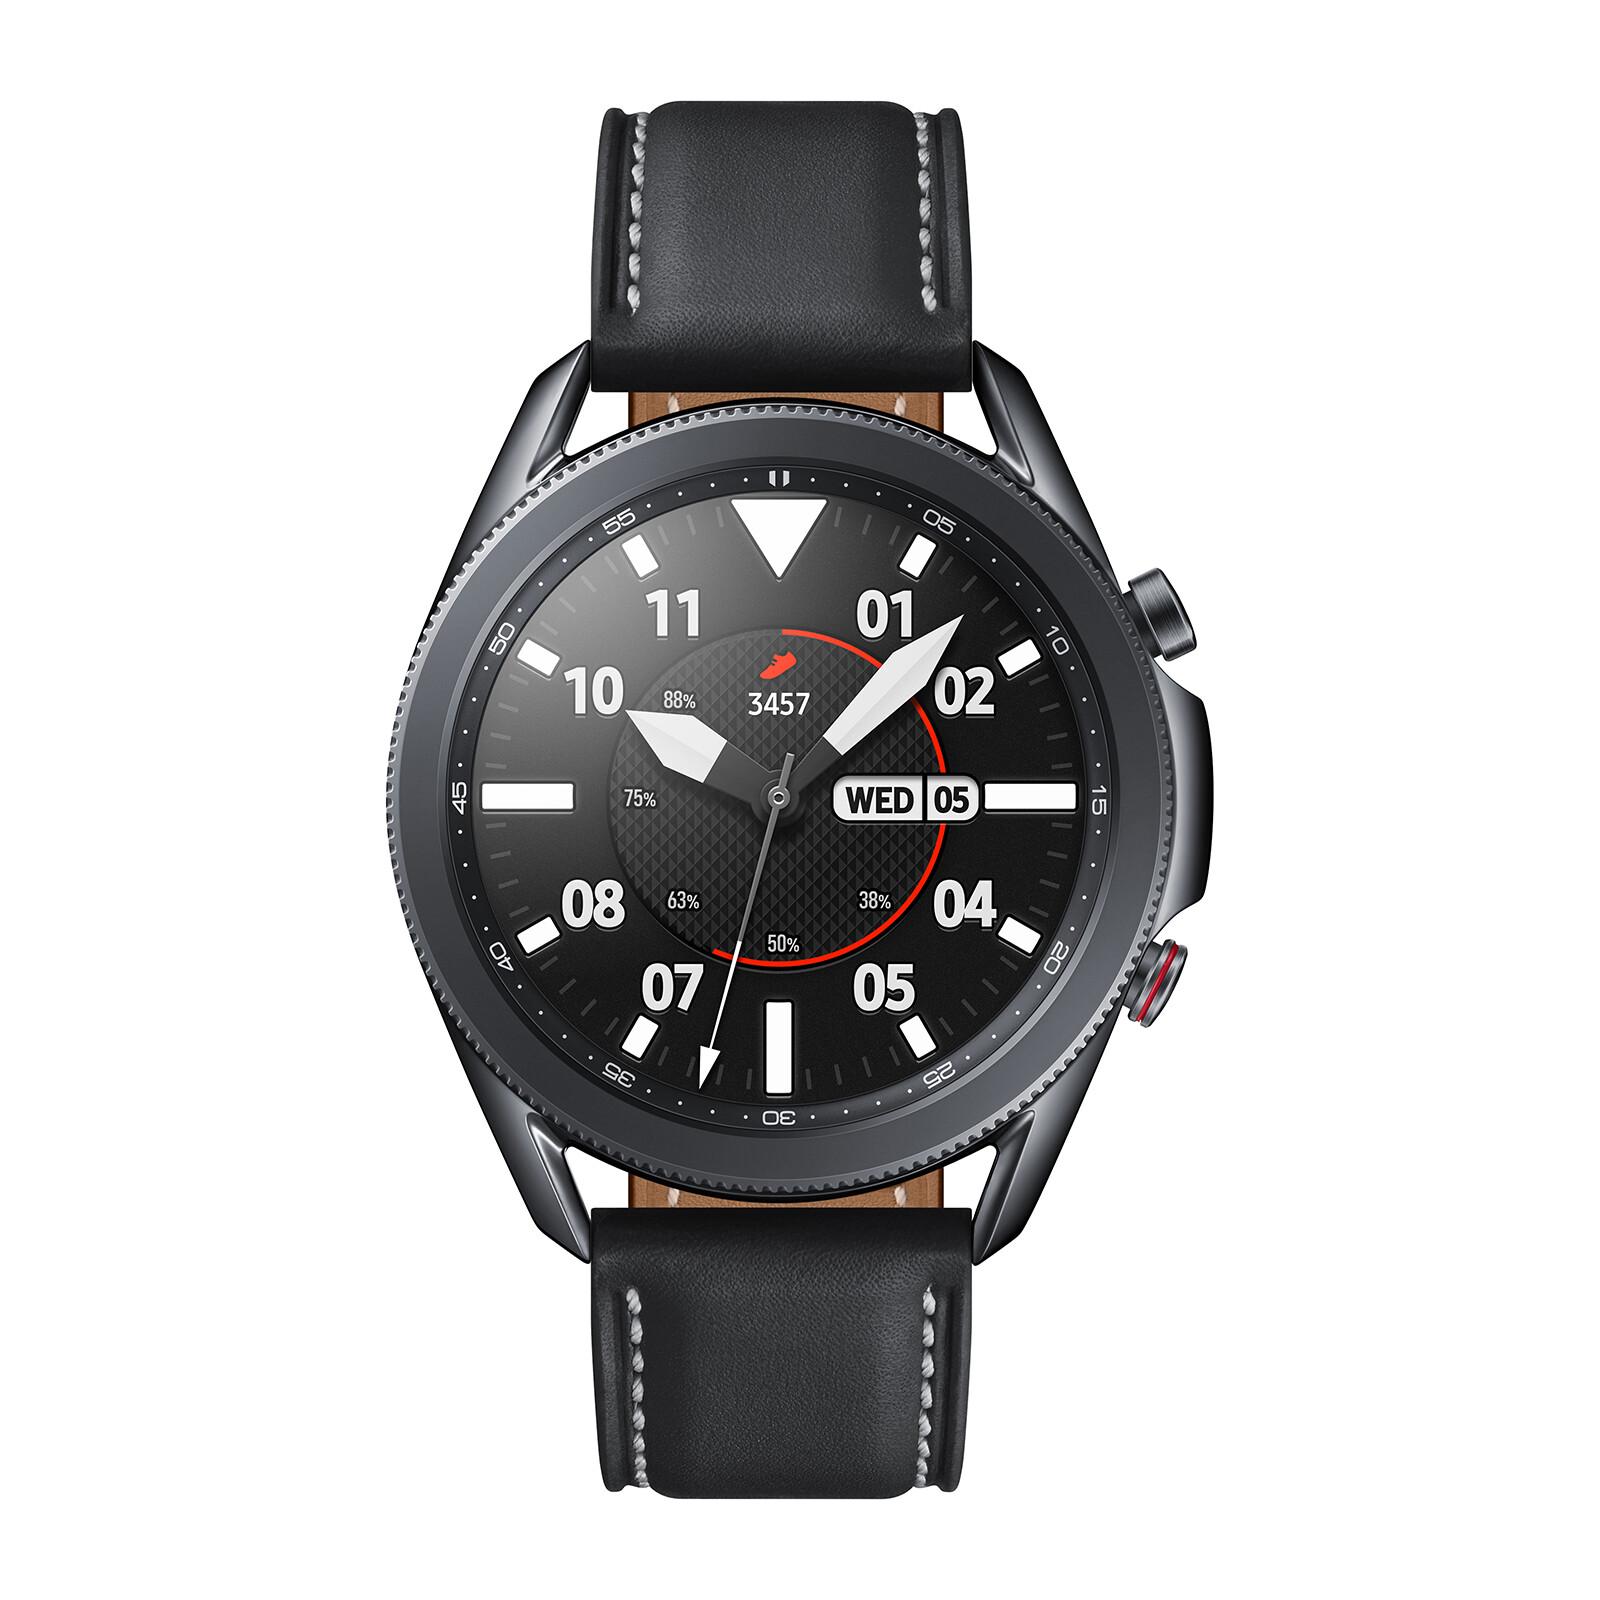 Samsung Galaxy Watch 3 LTE 45mm Mystic Black